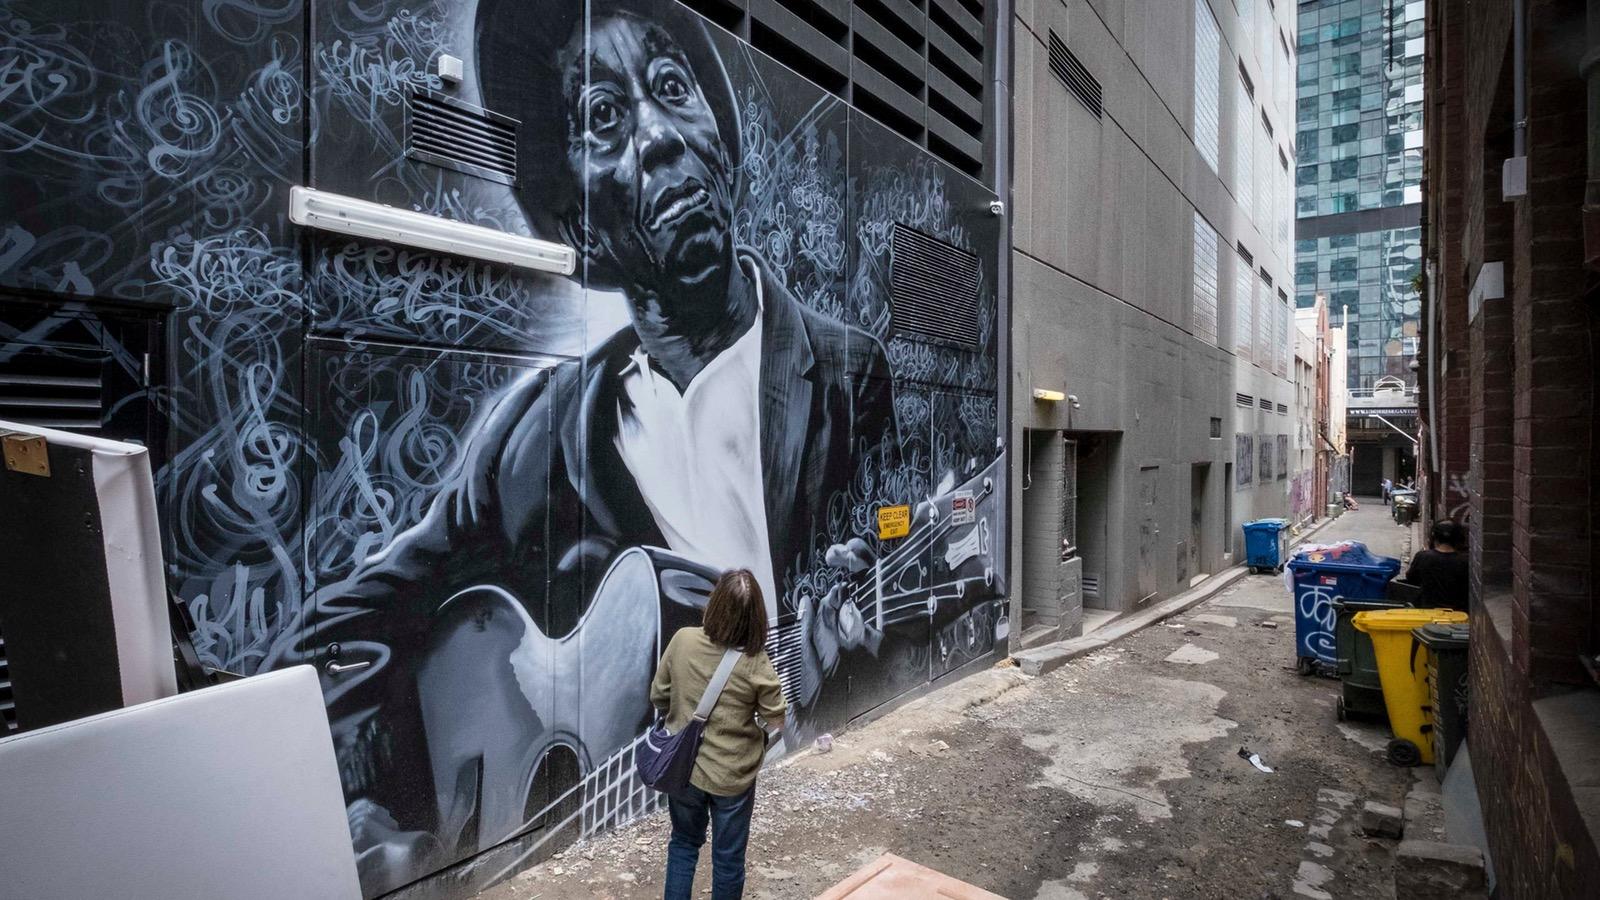 A woman looks at street art down a Melbourne laneway